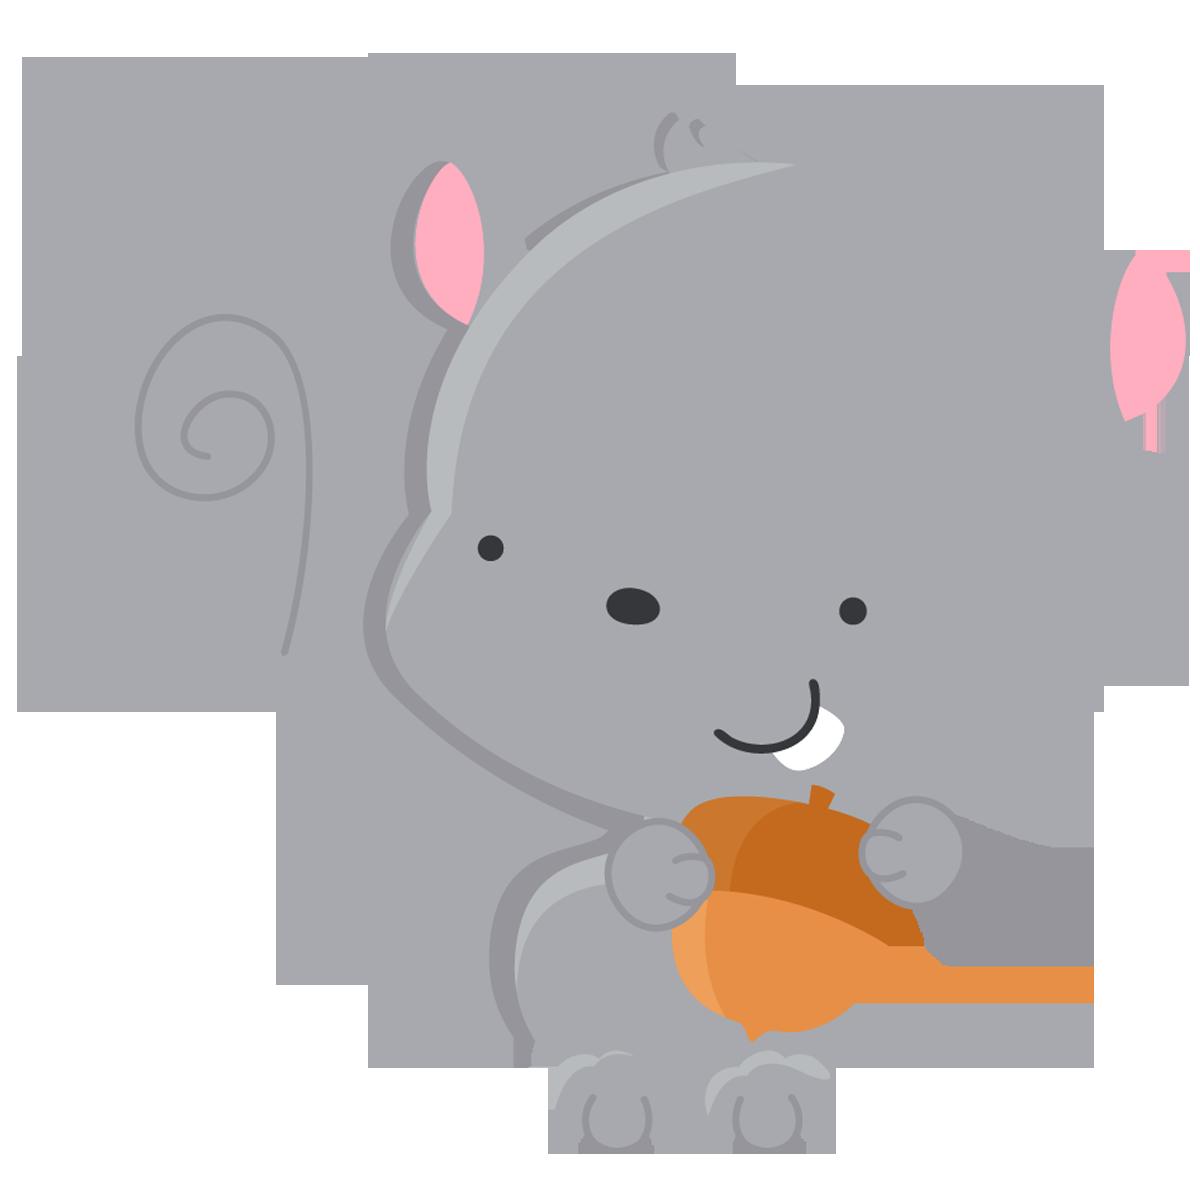 imagens para colorir de esquilo